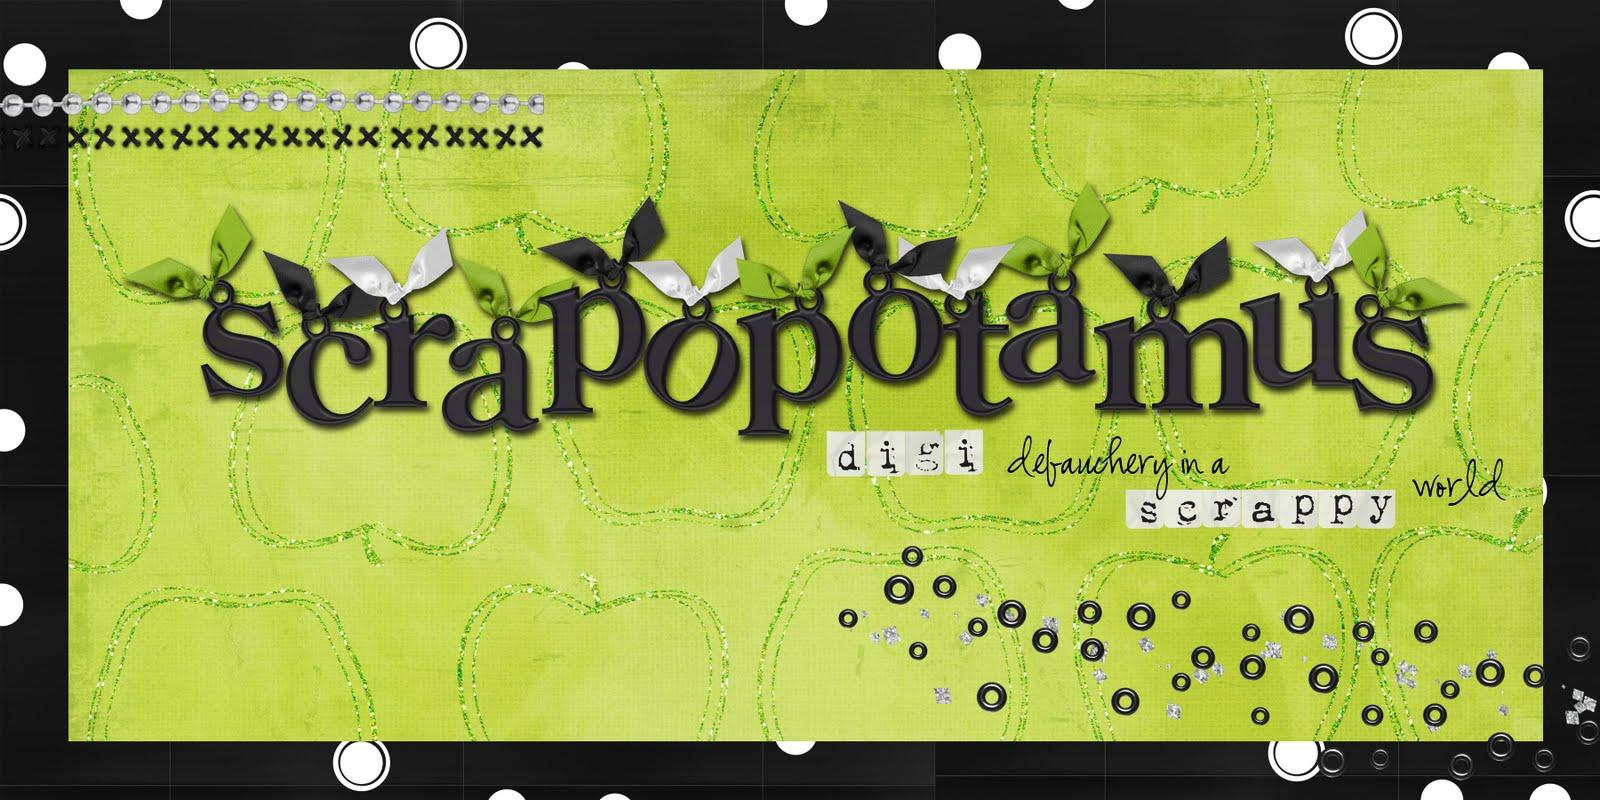 Scrapopotamus